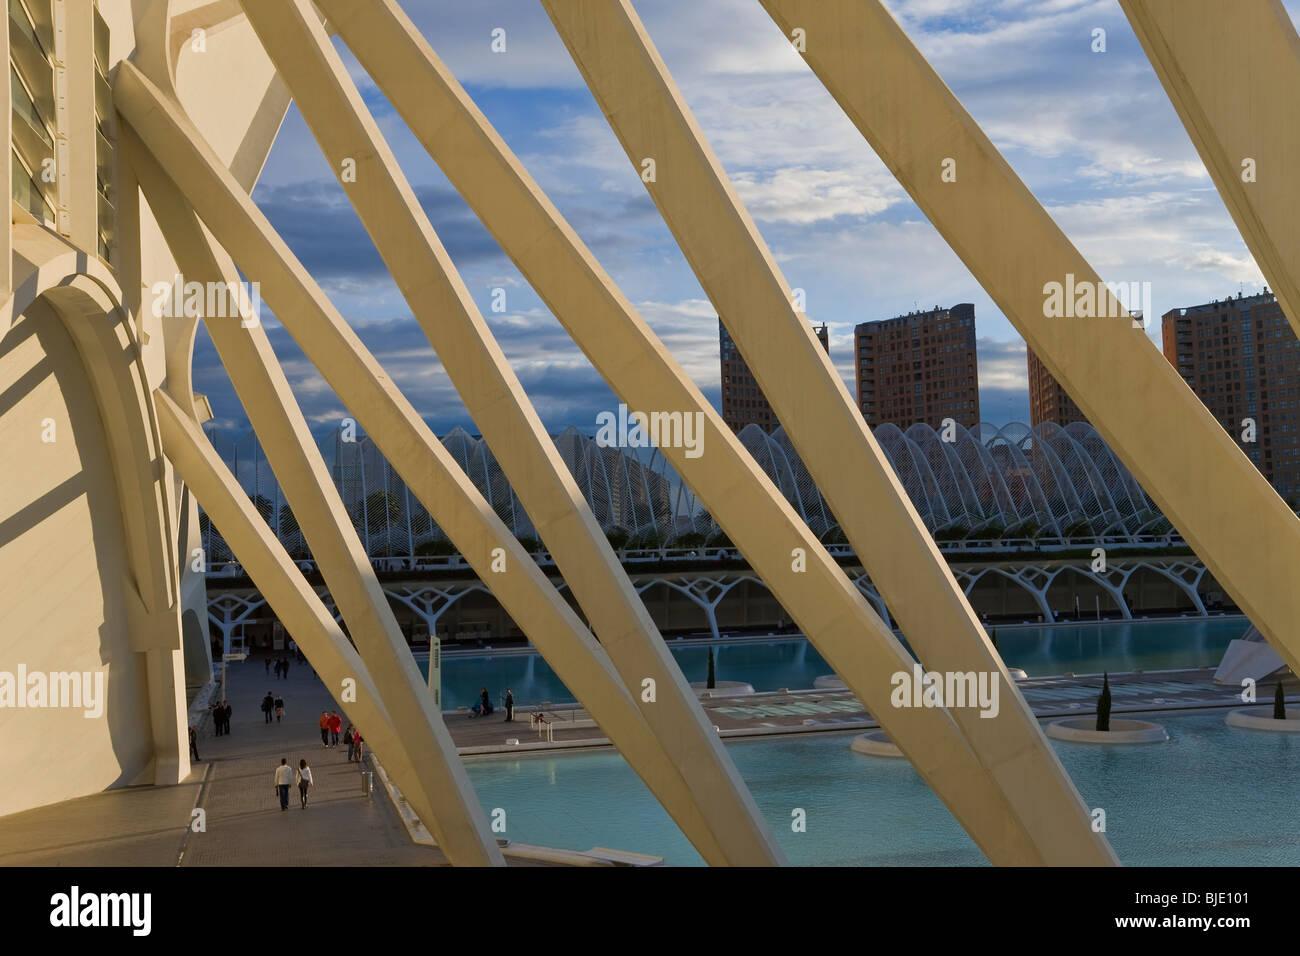 Stadt der Künste und Wissenschaften Gebäude, eine kombinierte Planetarium ozeanographische Wissenschaftspark Stockbild